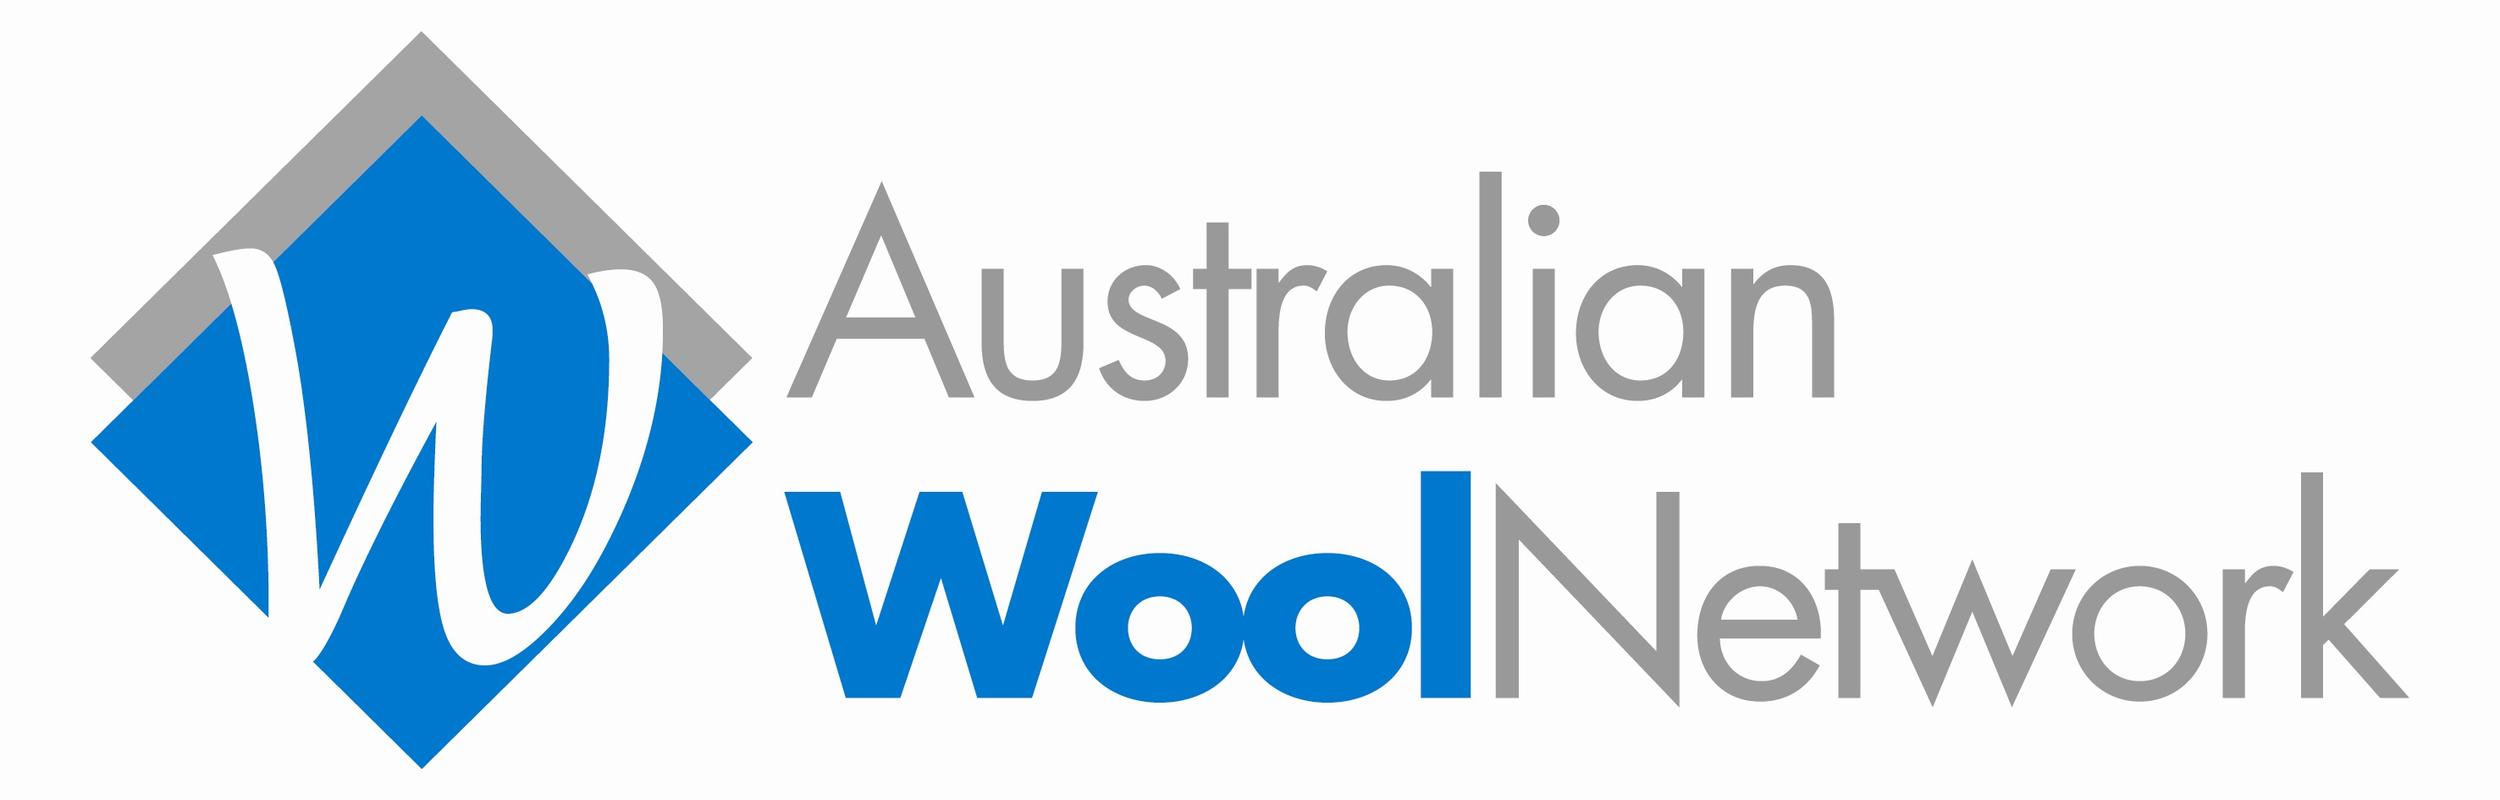 Australian Wool Network.png